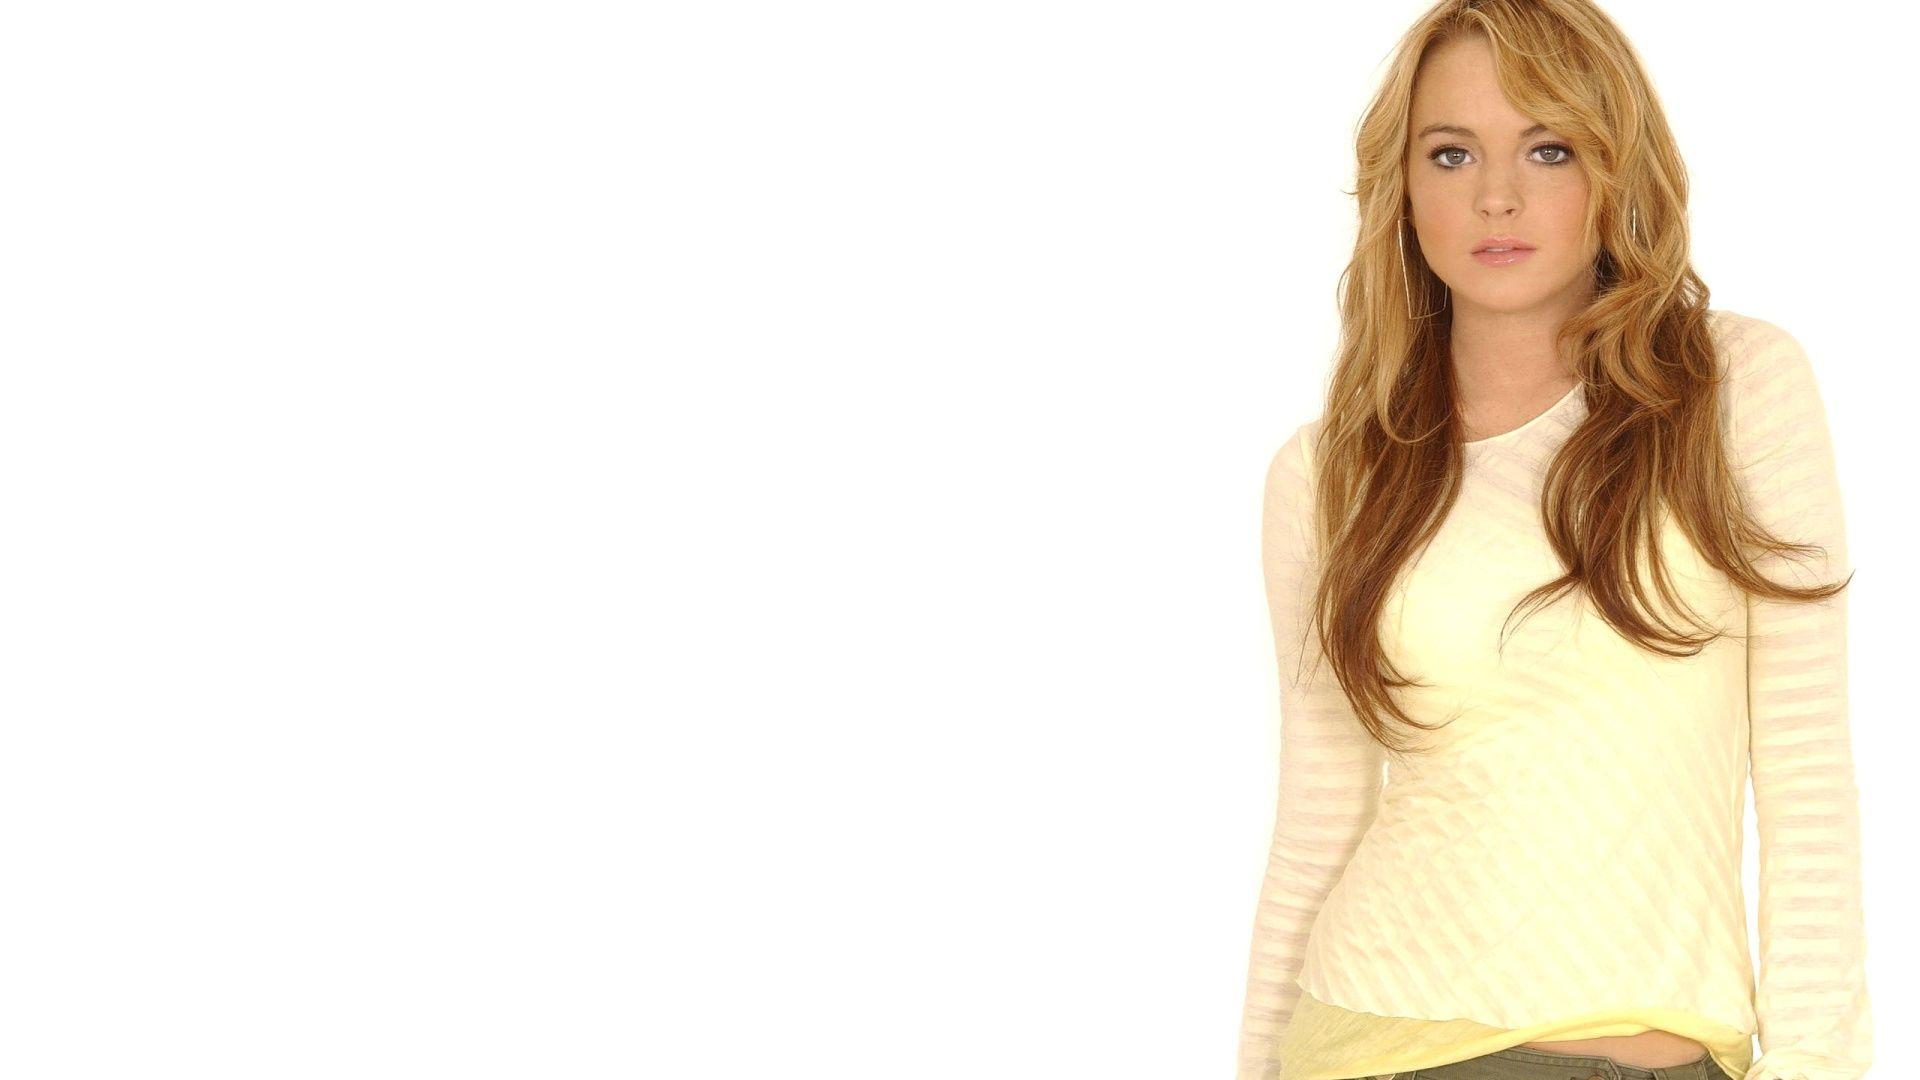 Lindsay Oops nipple wallpaper slip lohan